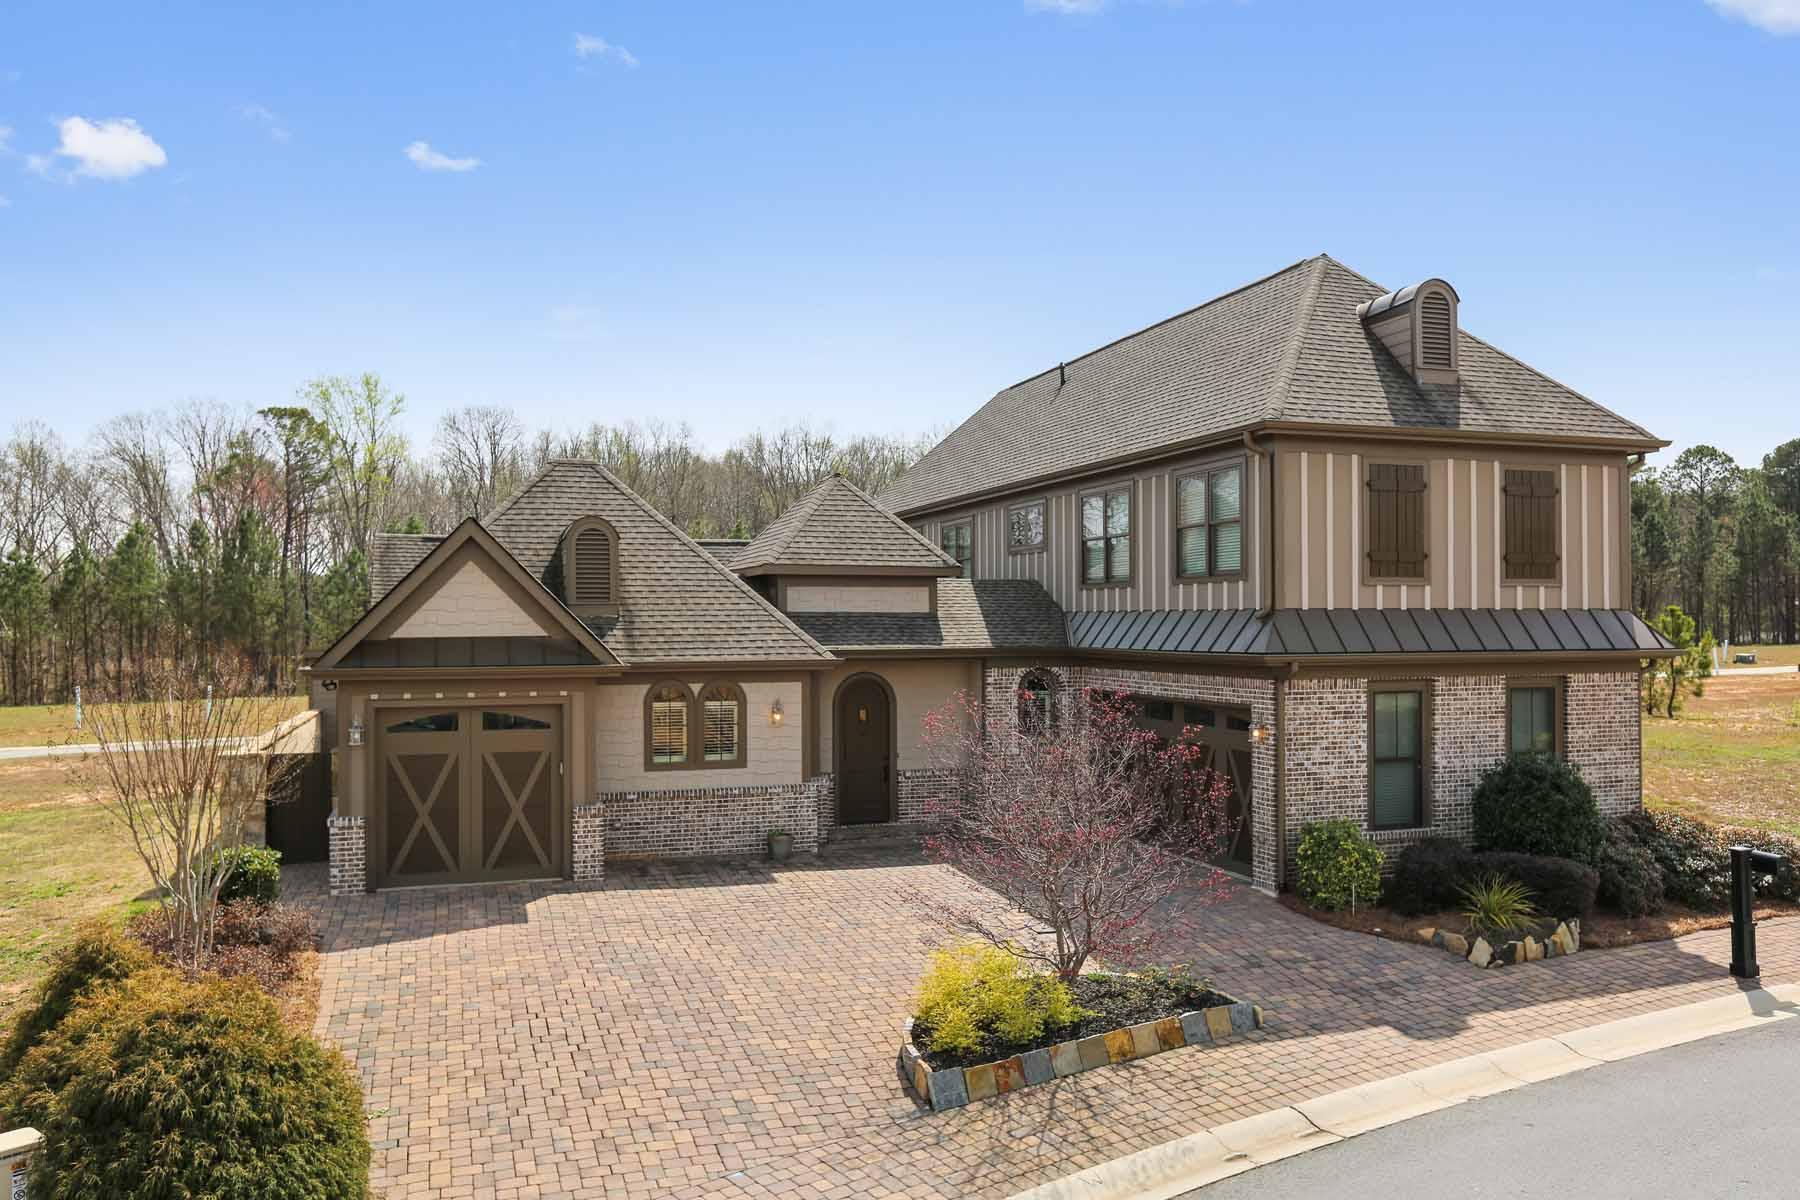 Casa Unifamiliar por un Venta en Stunning Courtyard Home 130 Batten Board Way Woodstock, Georgia, 30189 Estados Unidos